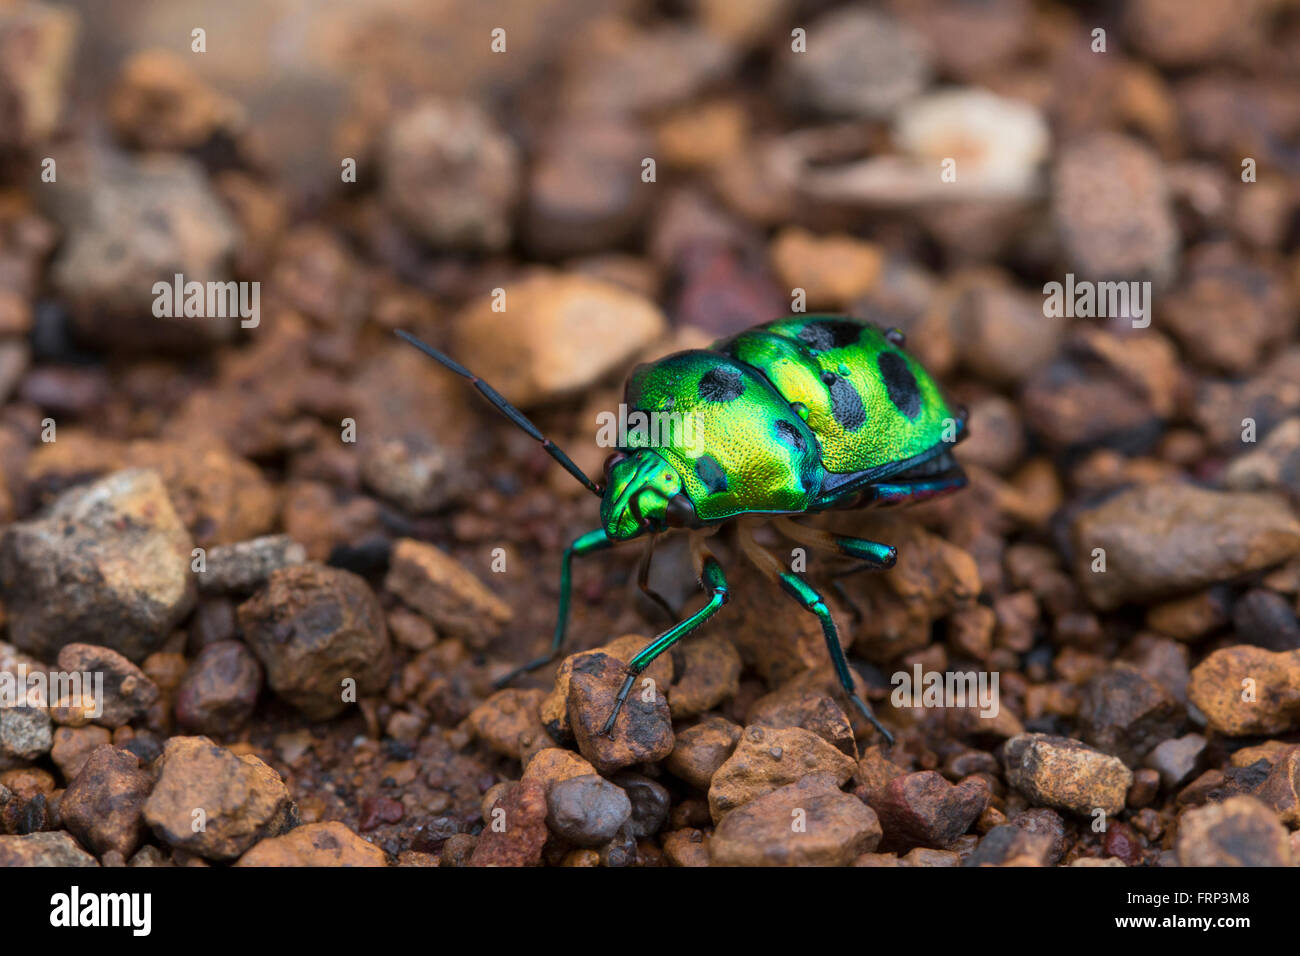 Jewel Bug or Shield Backed Bug in the family Scutelleridae, Mumbai, Maharashtra, India - Stock Image